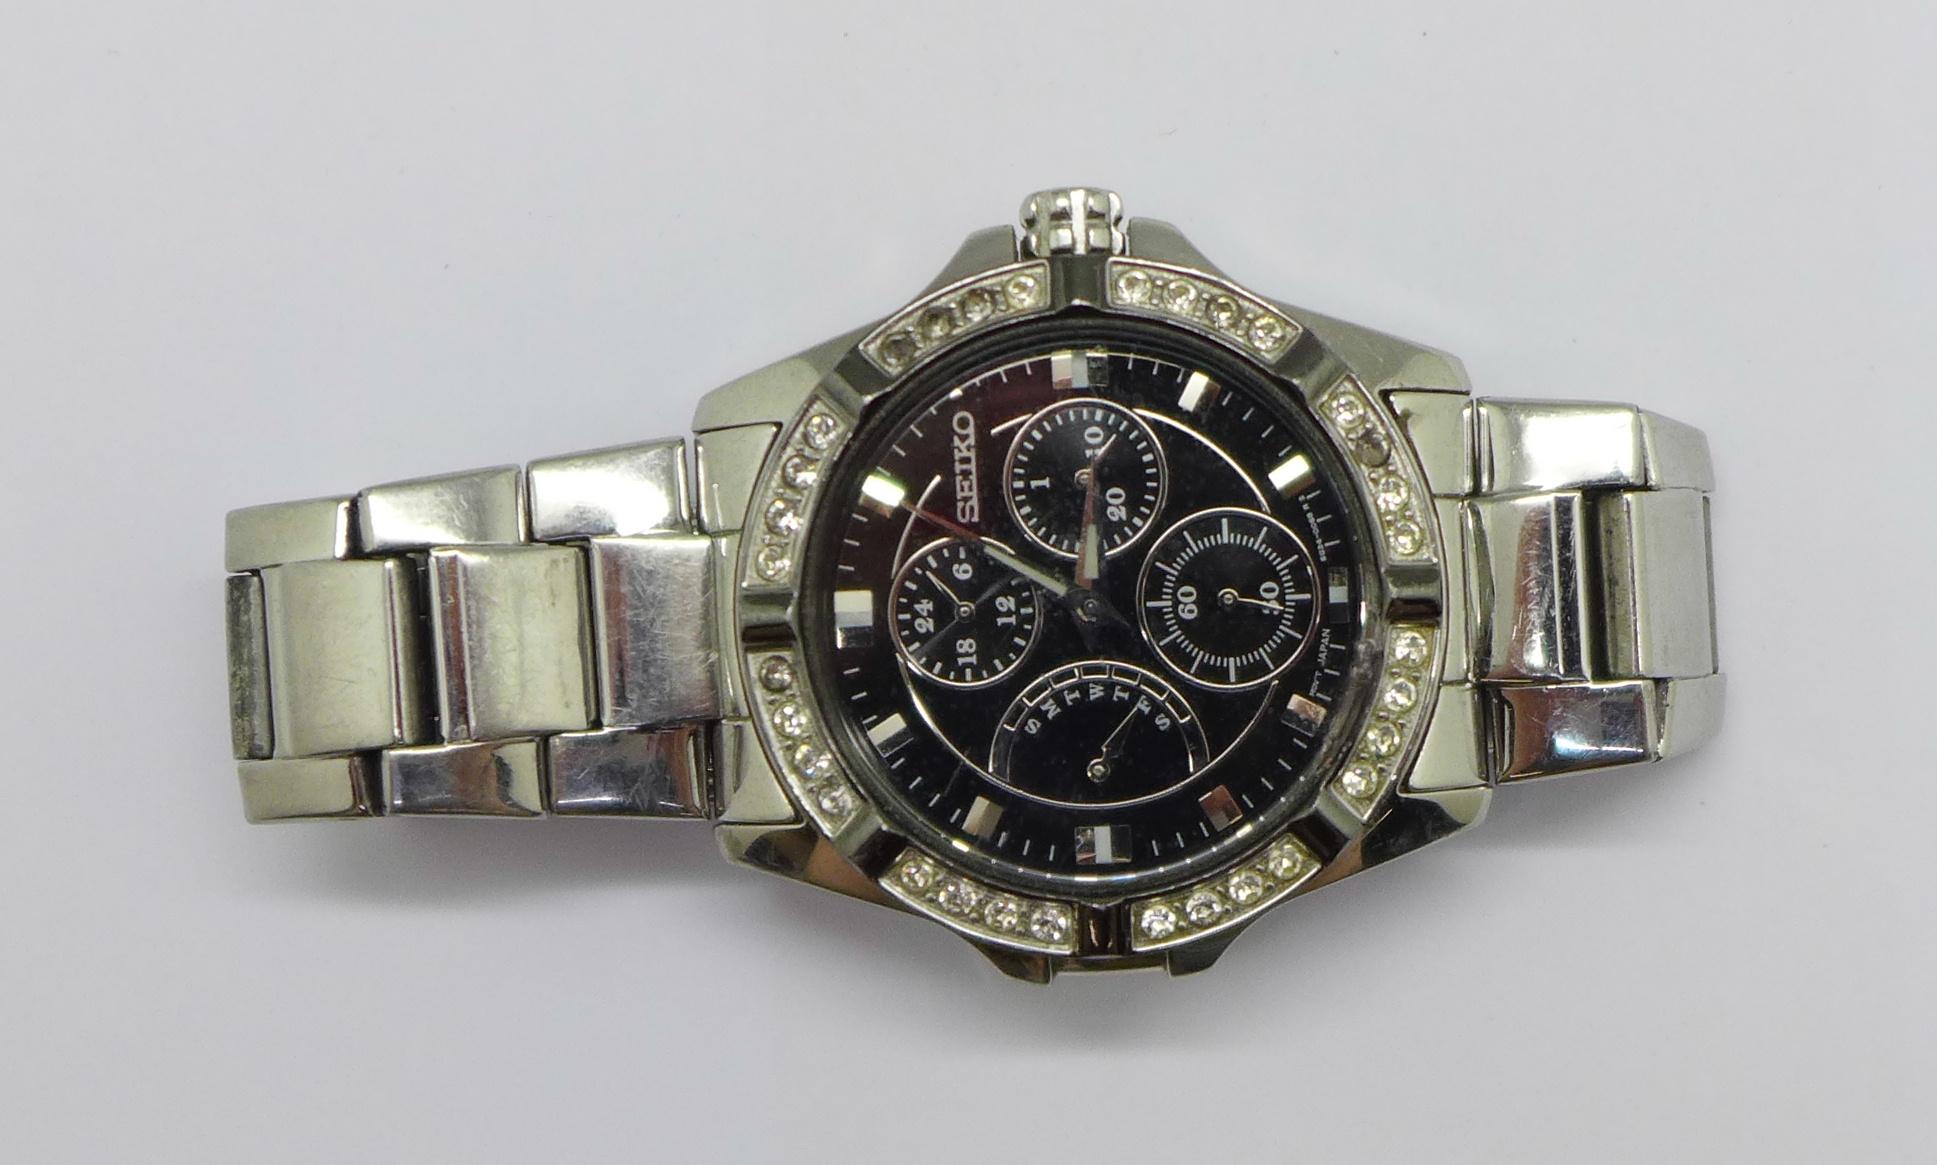 A Seiko multi dial wristwatch - Image 6 of 6